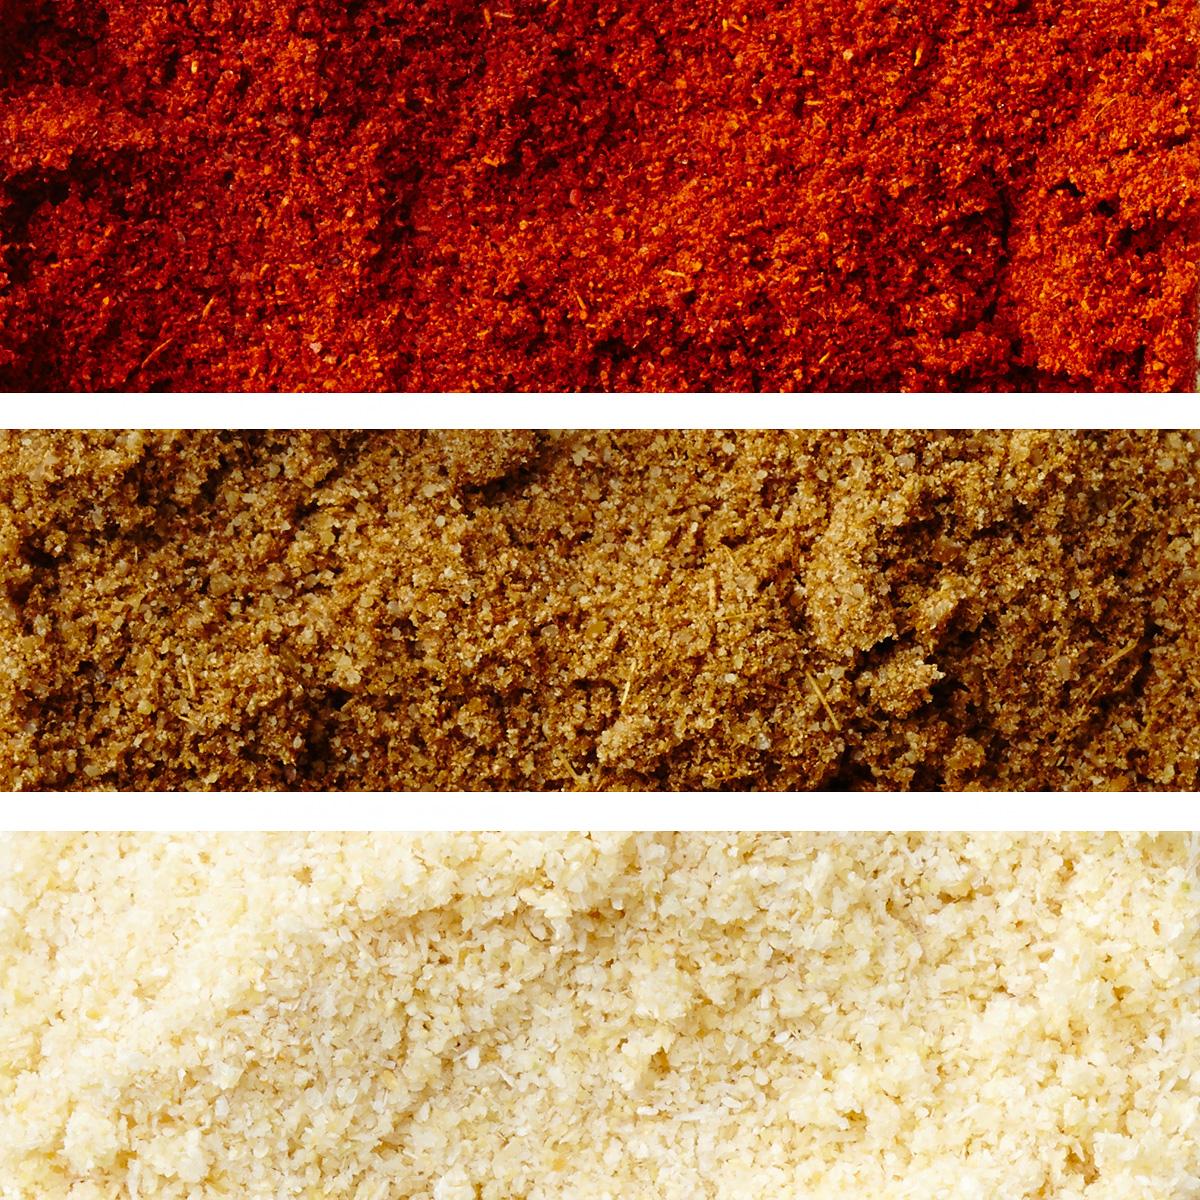 paprika onion powder and cumin